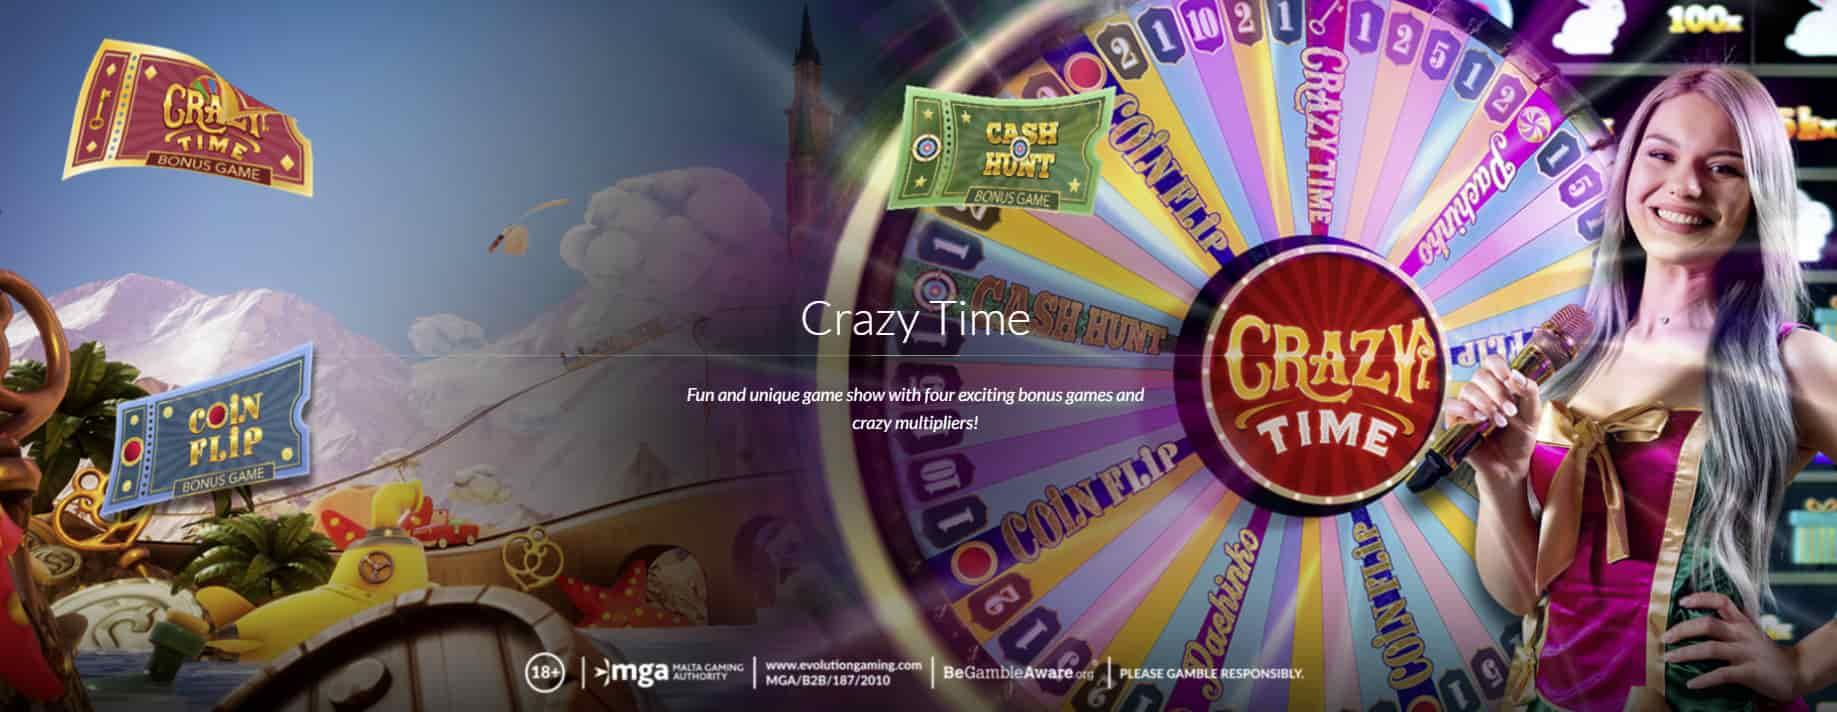 CrazyTime Play Now